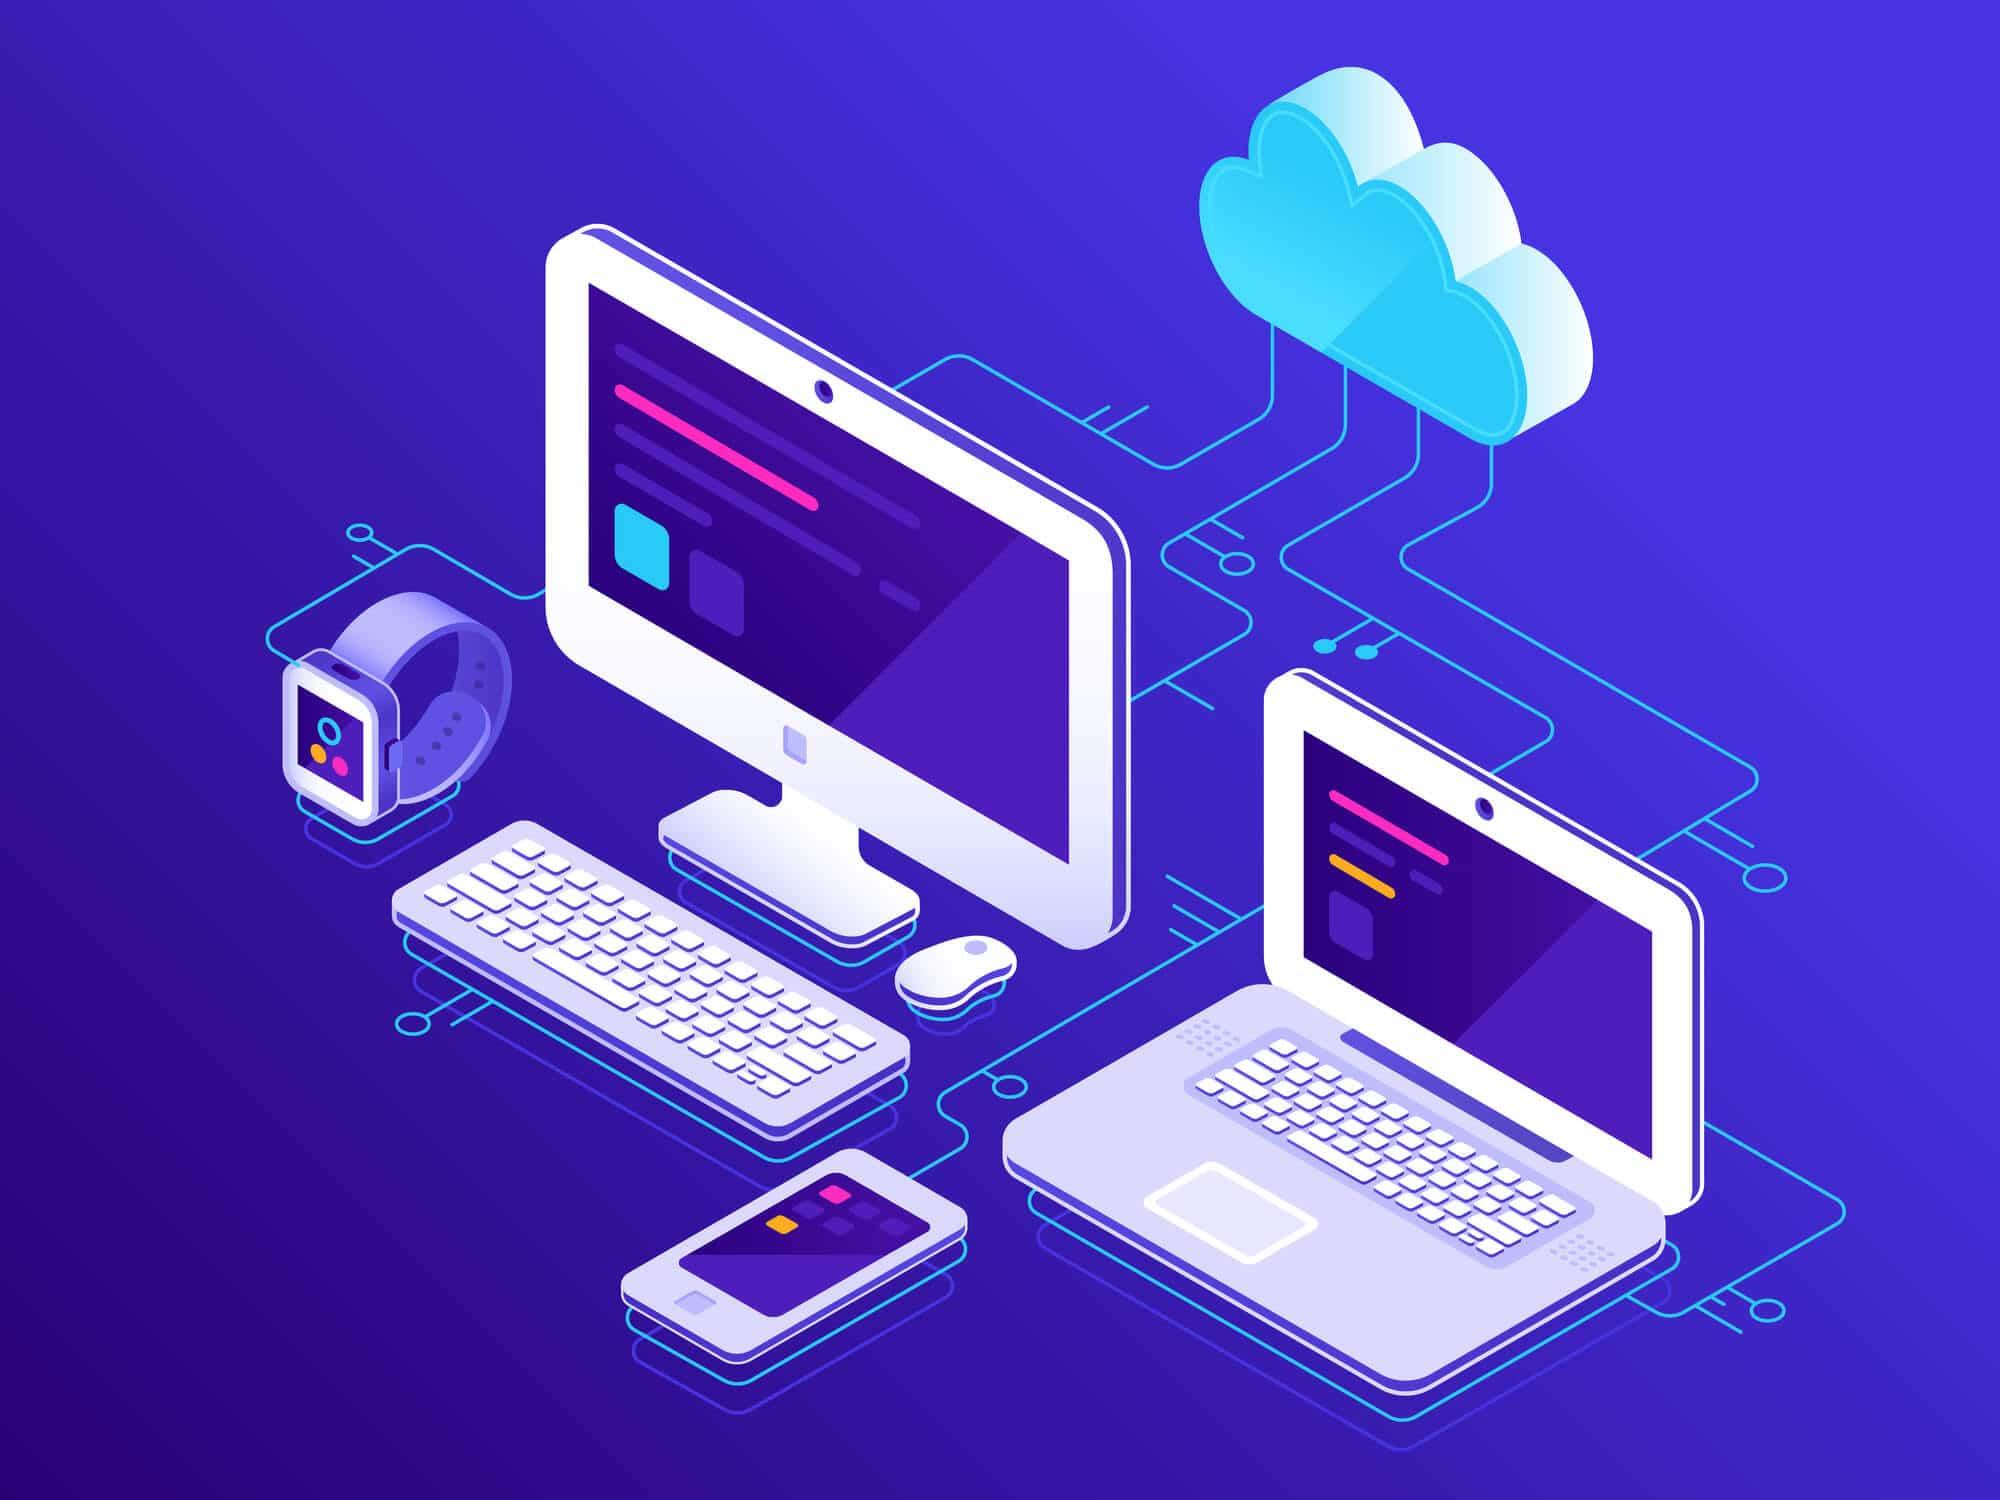 O que é cloud governance? Entenda aqui!